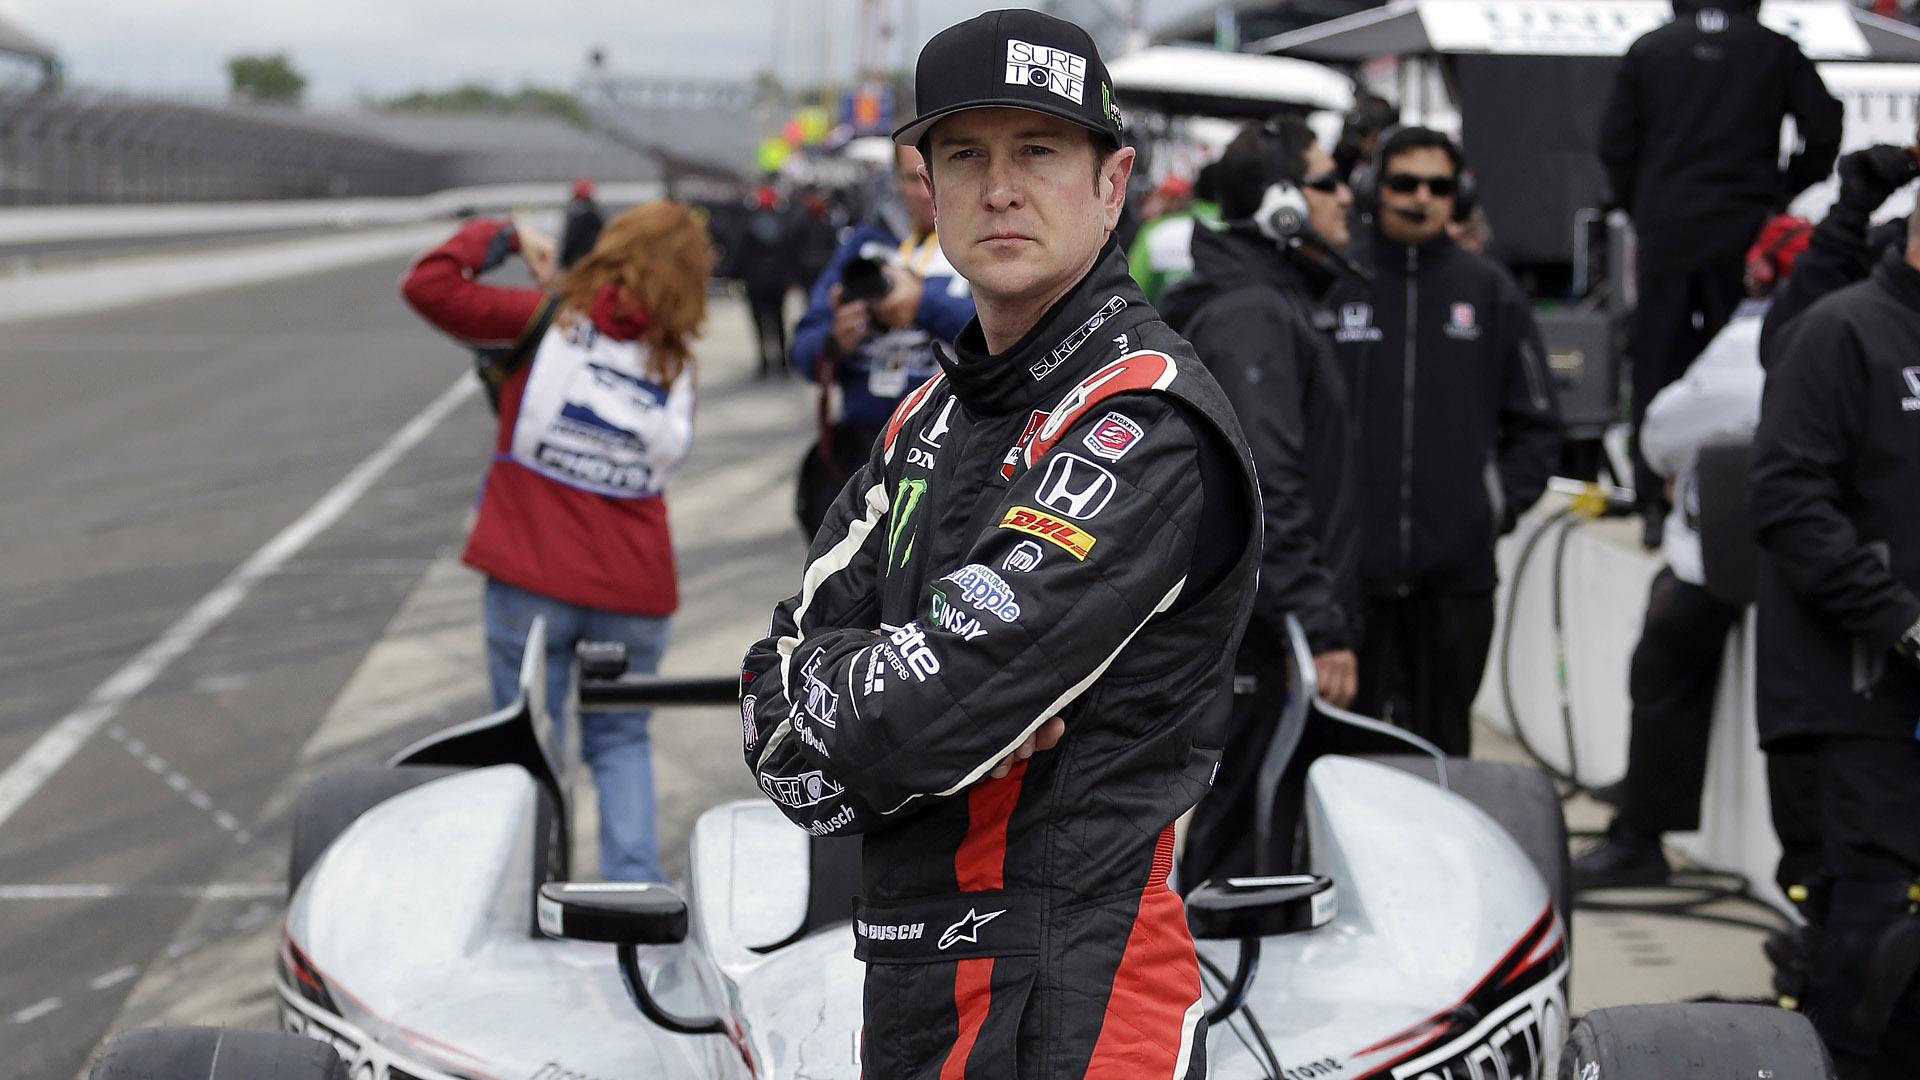 Kurt Busch-051514-Indy-AP-FTR.jpg